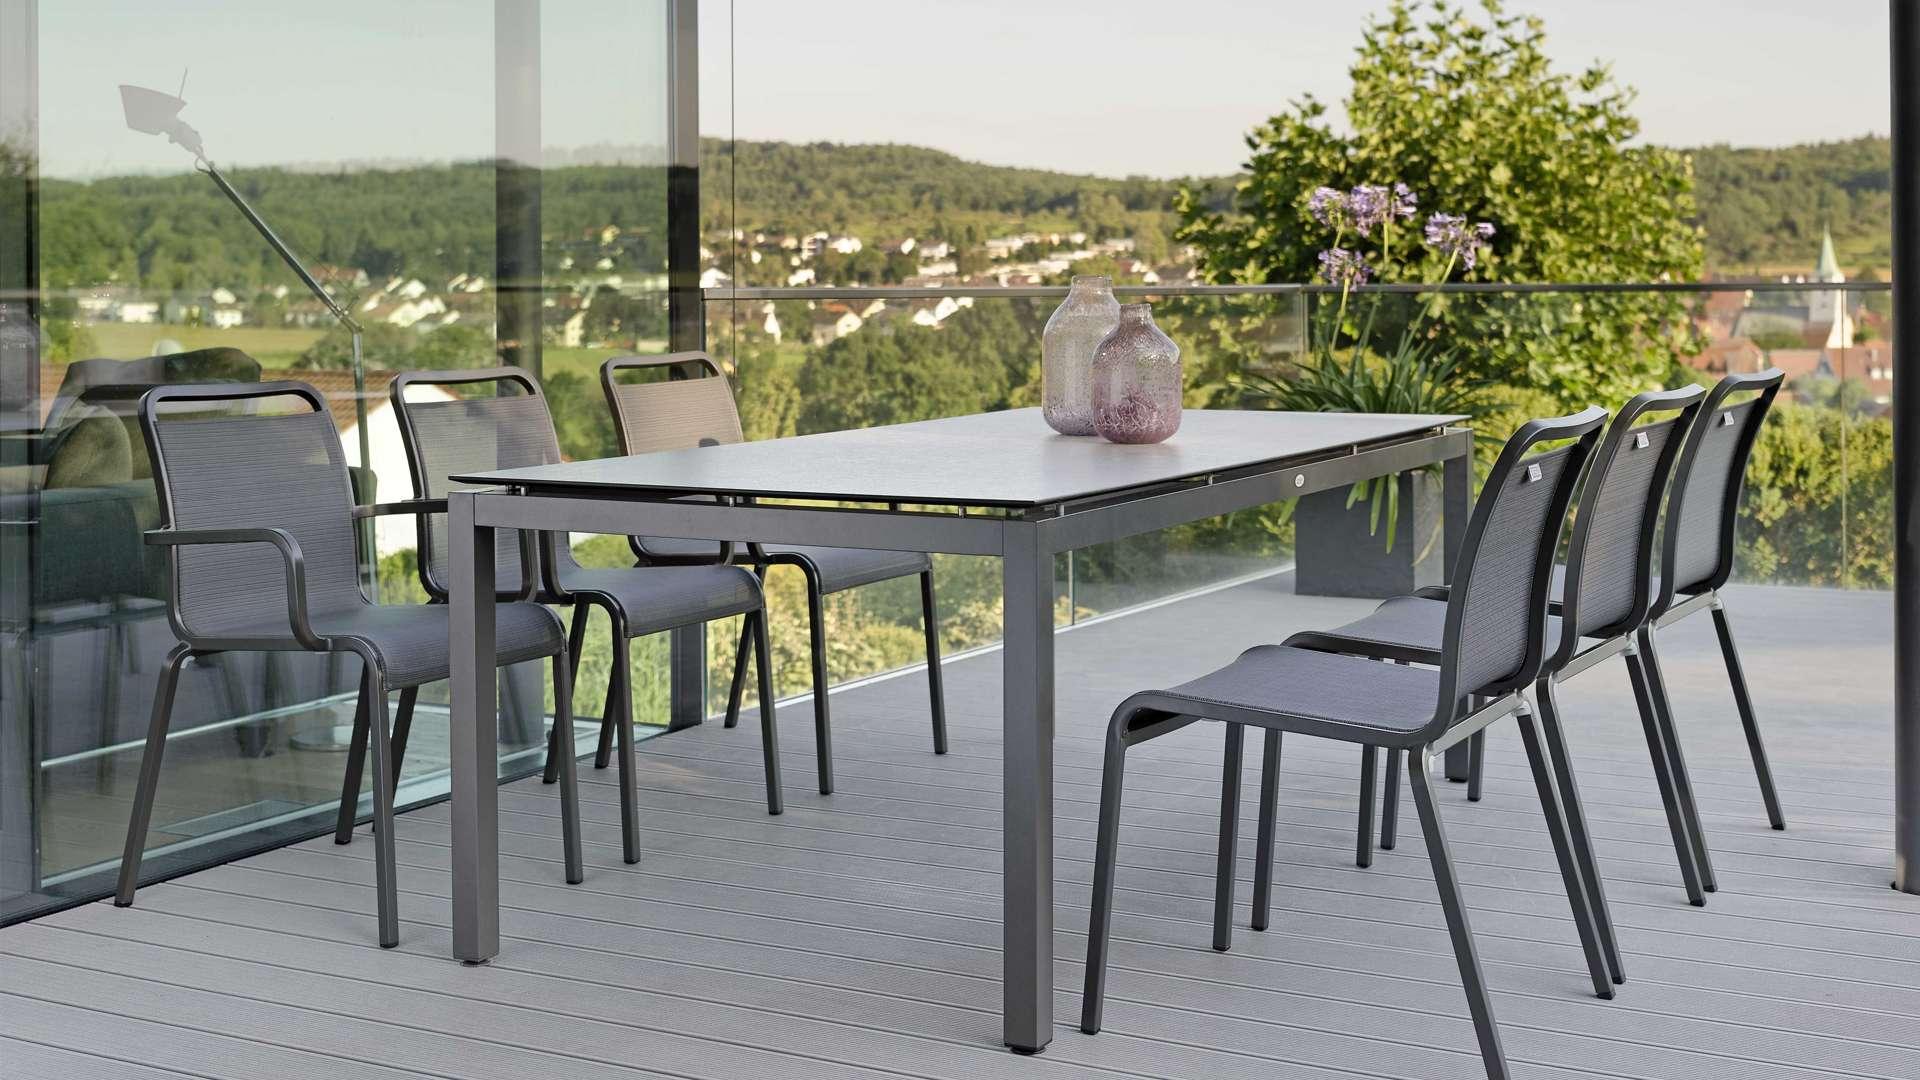 Esstisch mit sechs Stühlen auf einer Terrasse